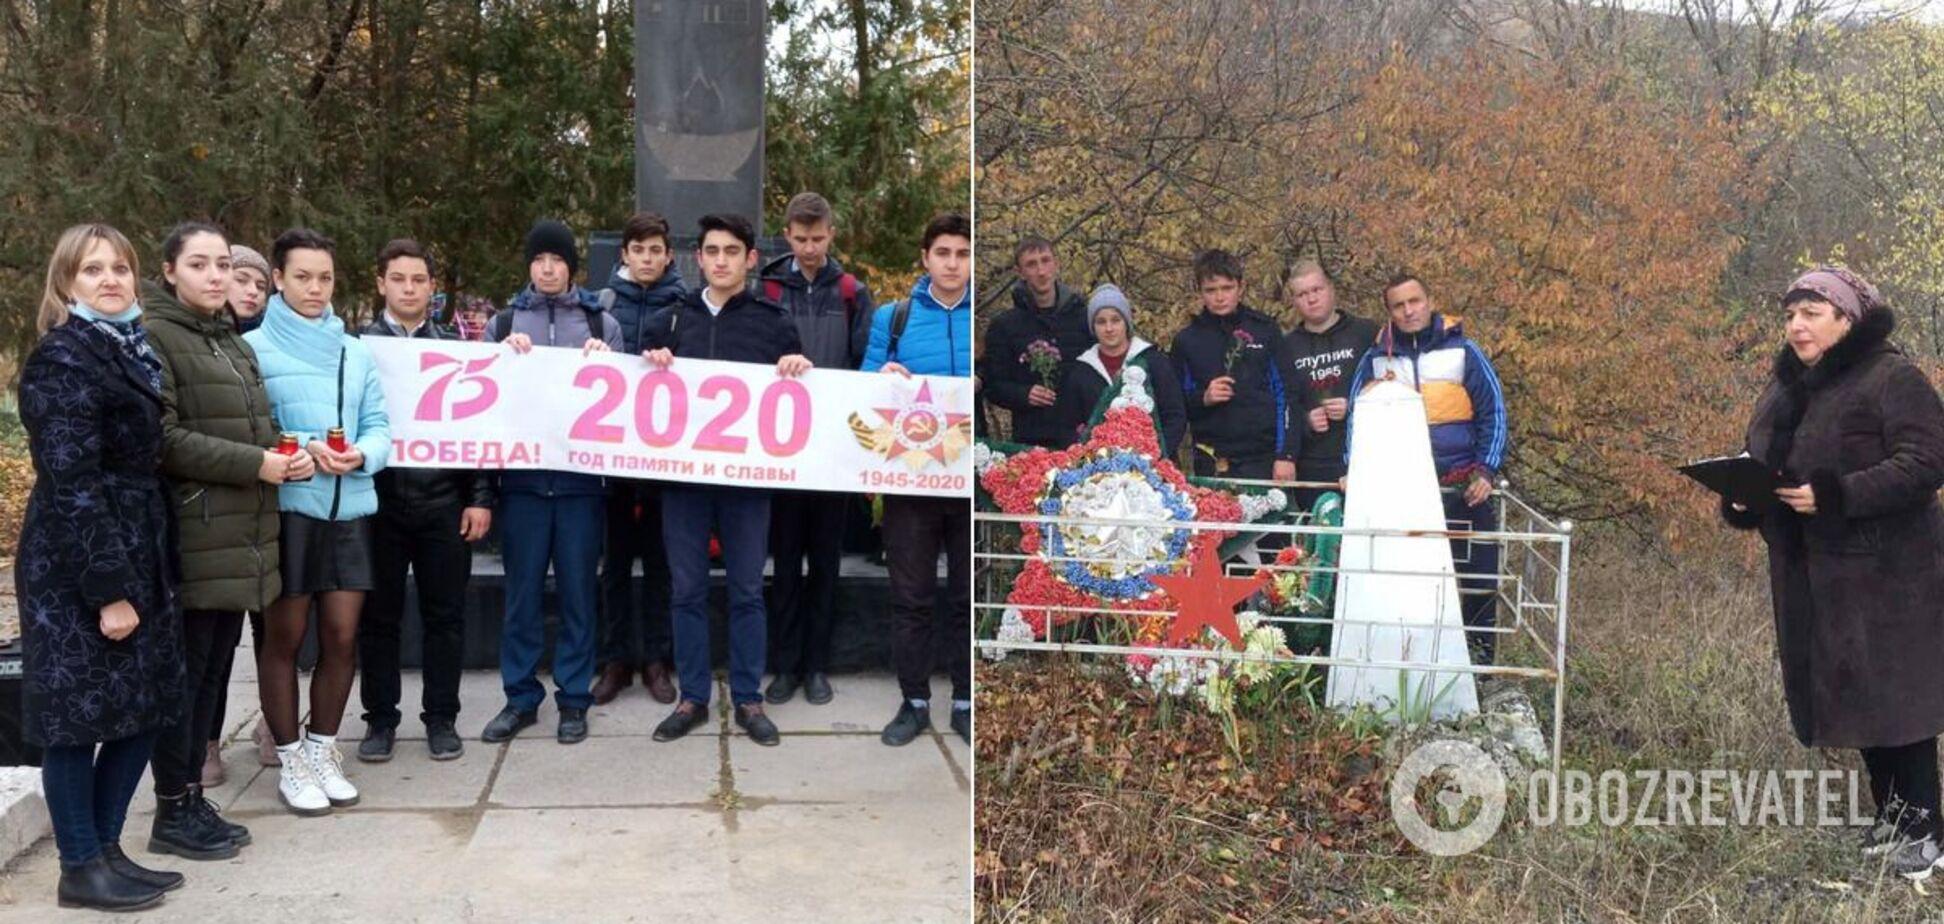 В Крыму школьники с цветами поклонялись 'великой победе'. Фото